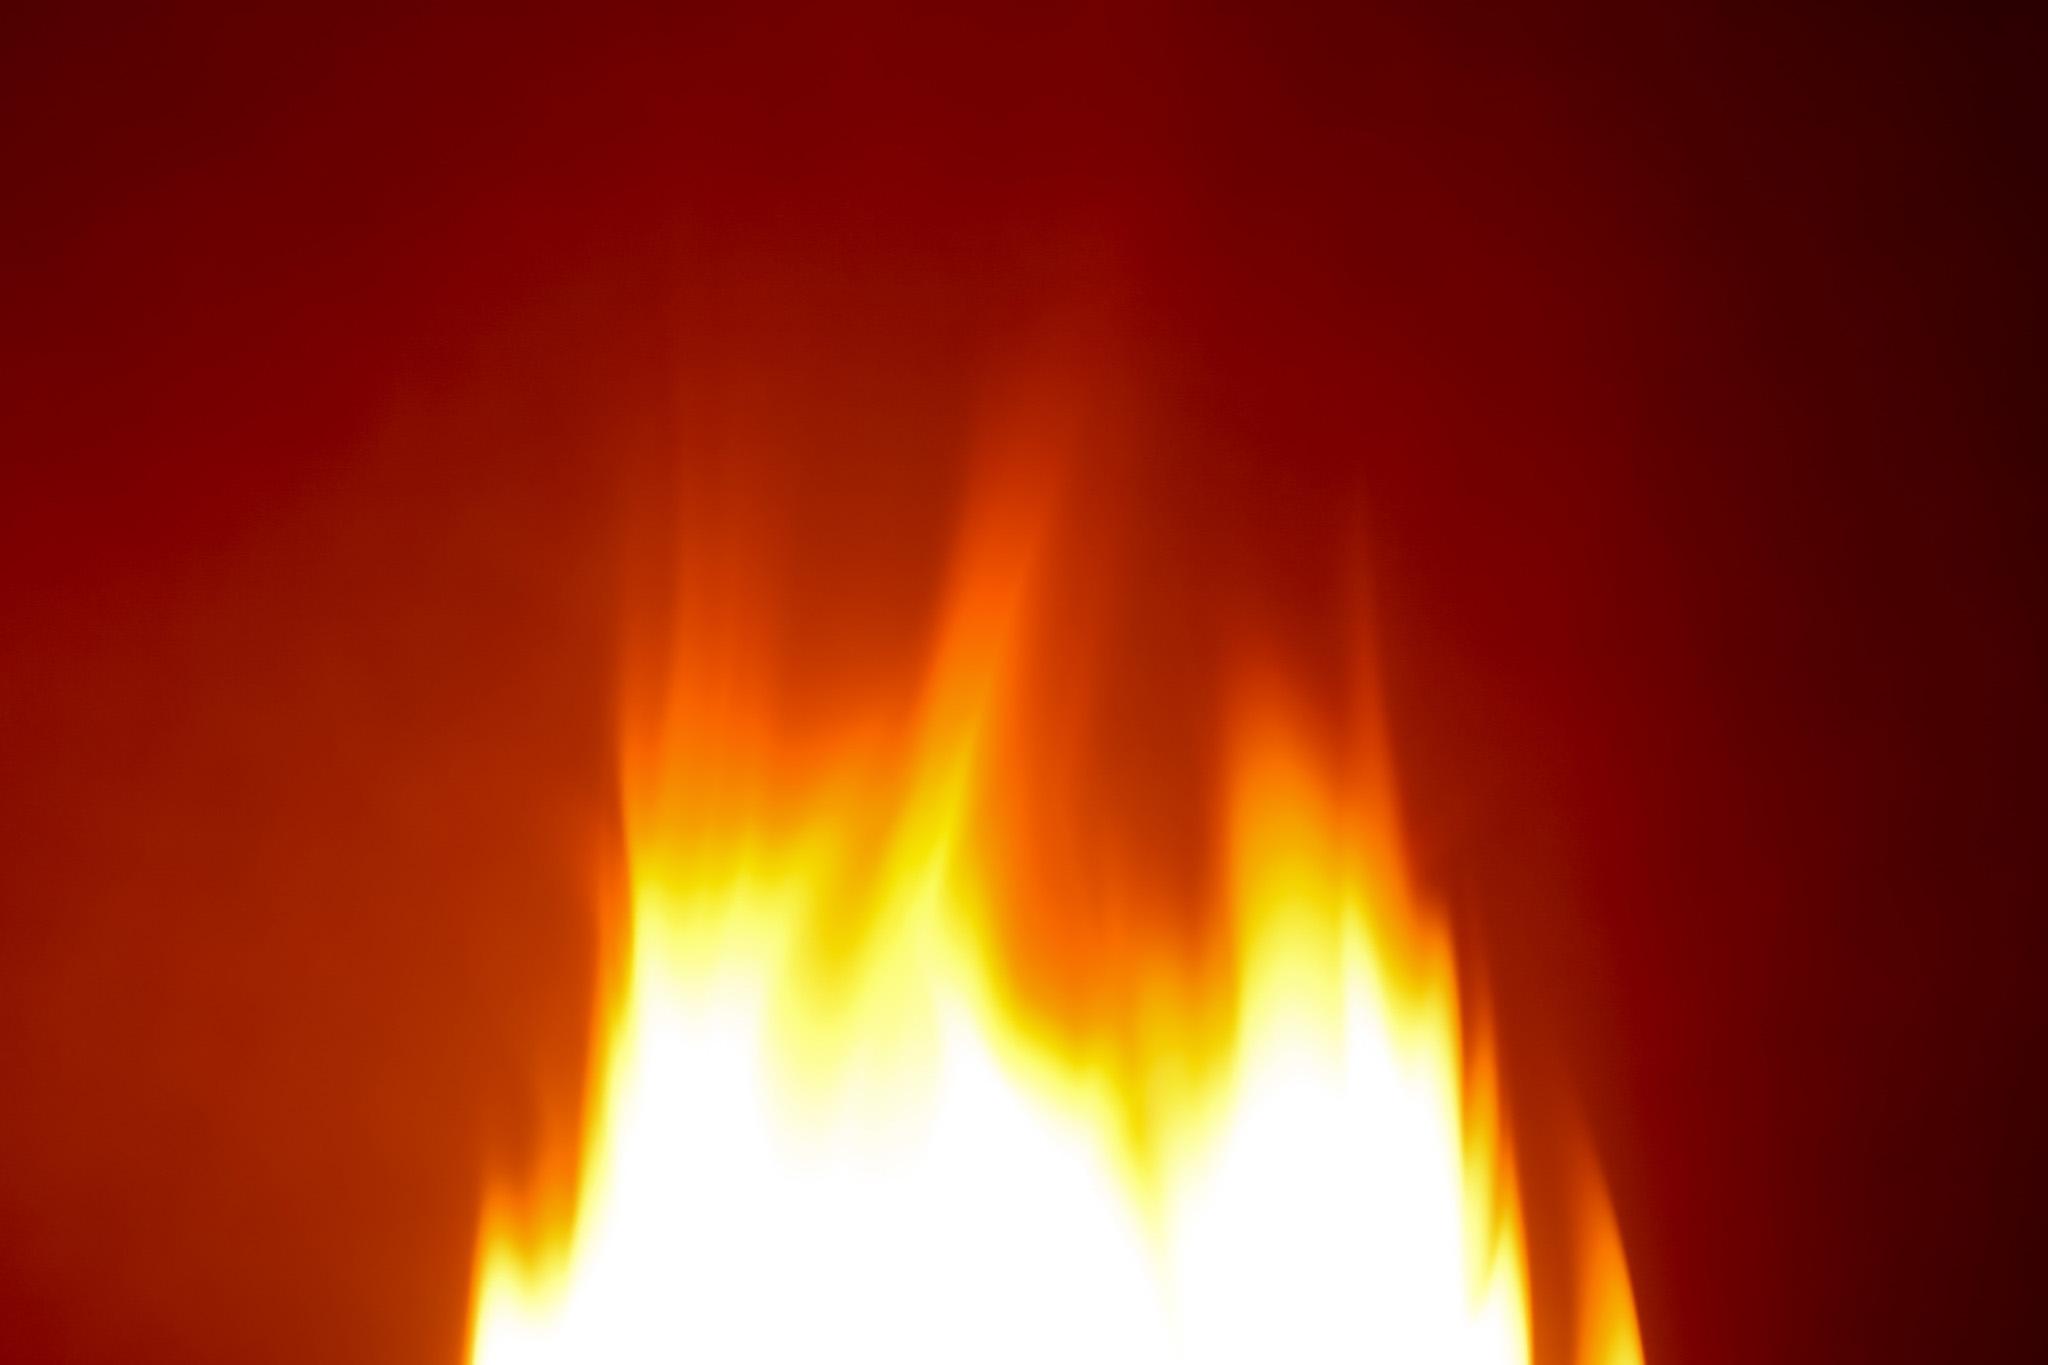 「燃え立つ炎が放つ赤い光」